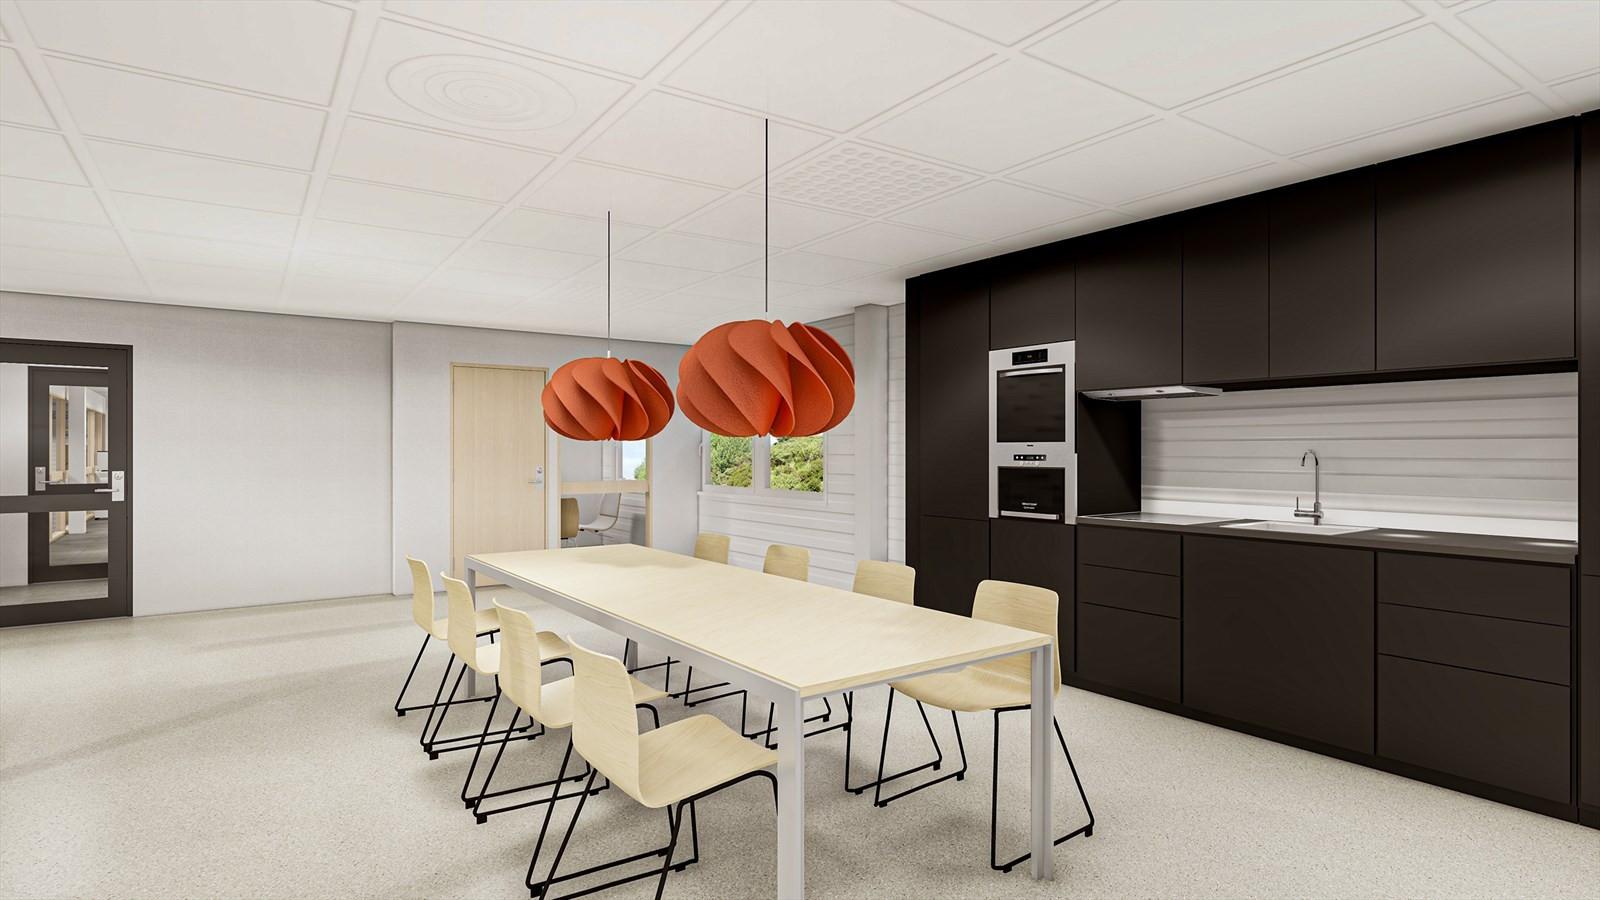 Det meste av 2. etasje er i dag inndelt med flere kontorer, kjøkken, sosiale rom m.v, men kan tilpasses nærmere iht leietakers kravspesifikasjoner.